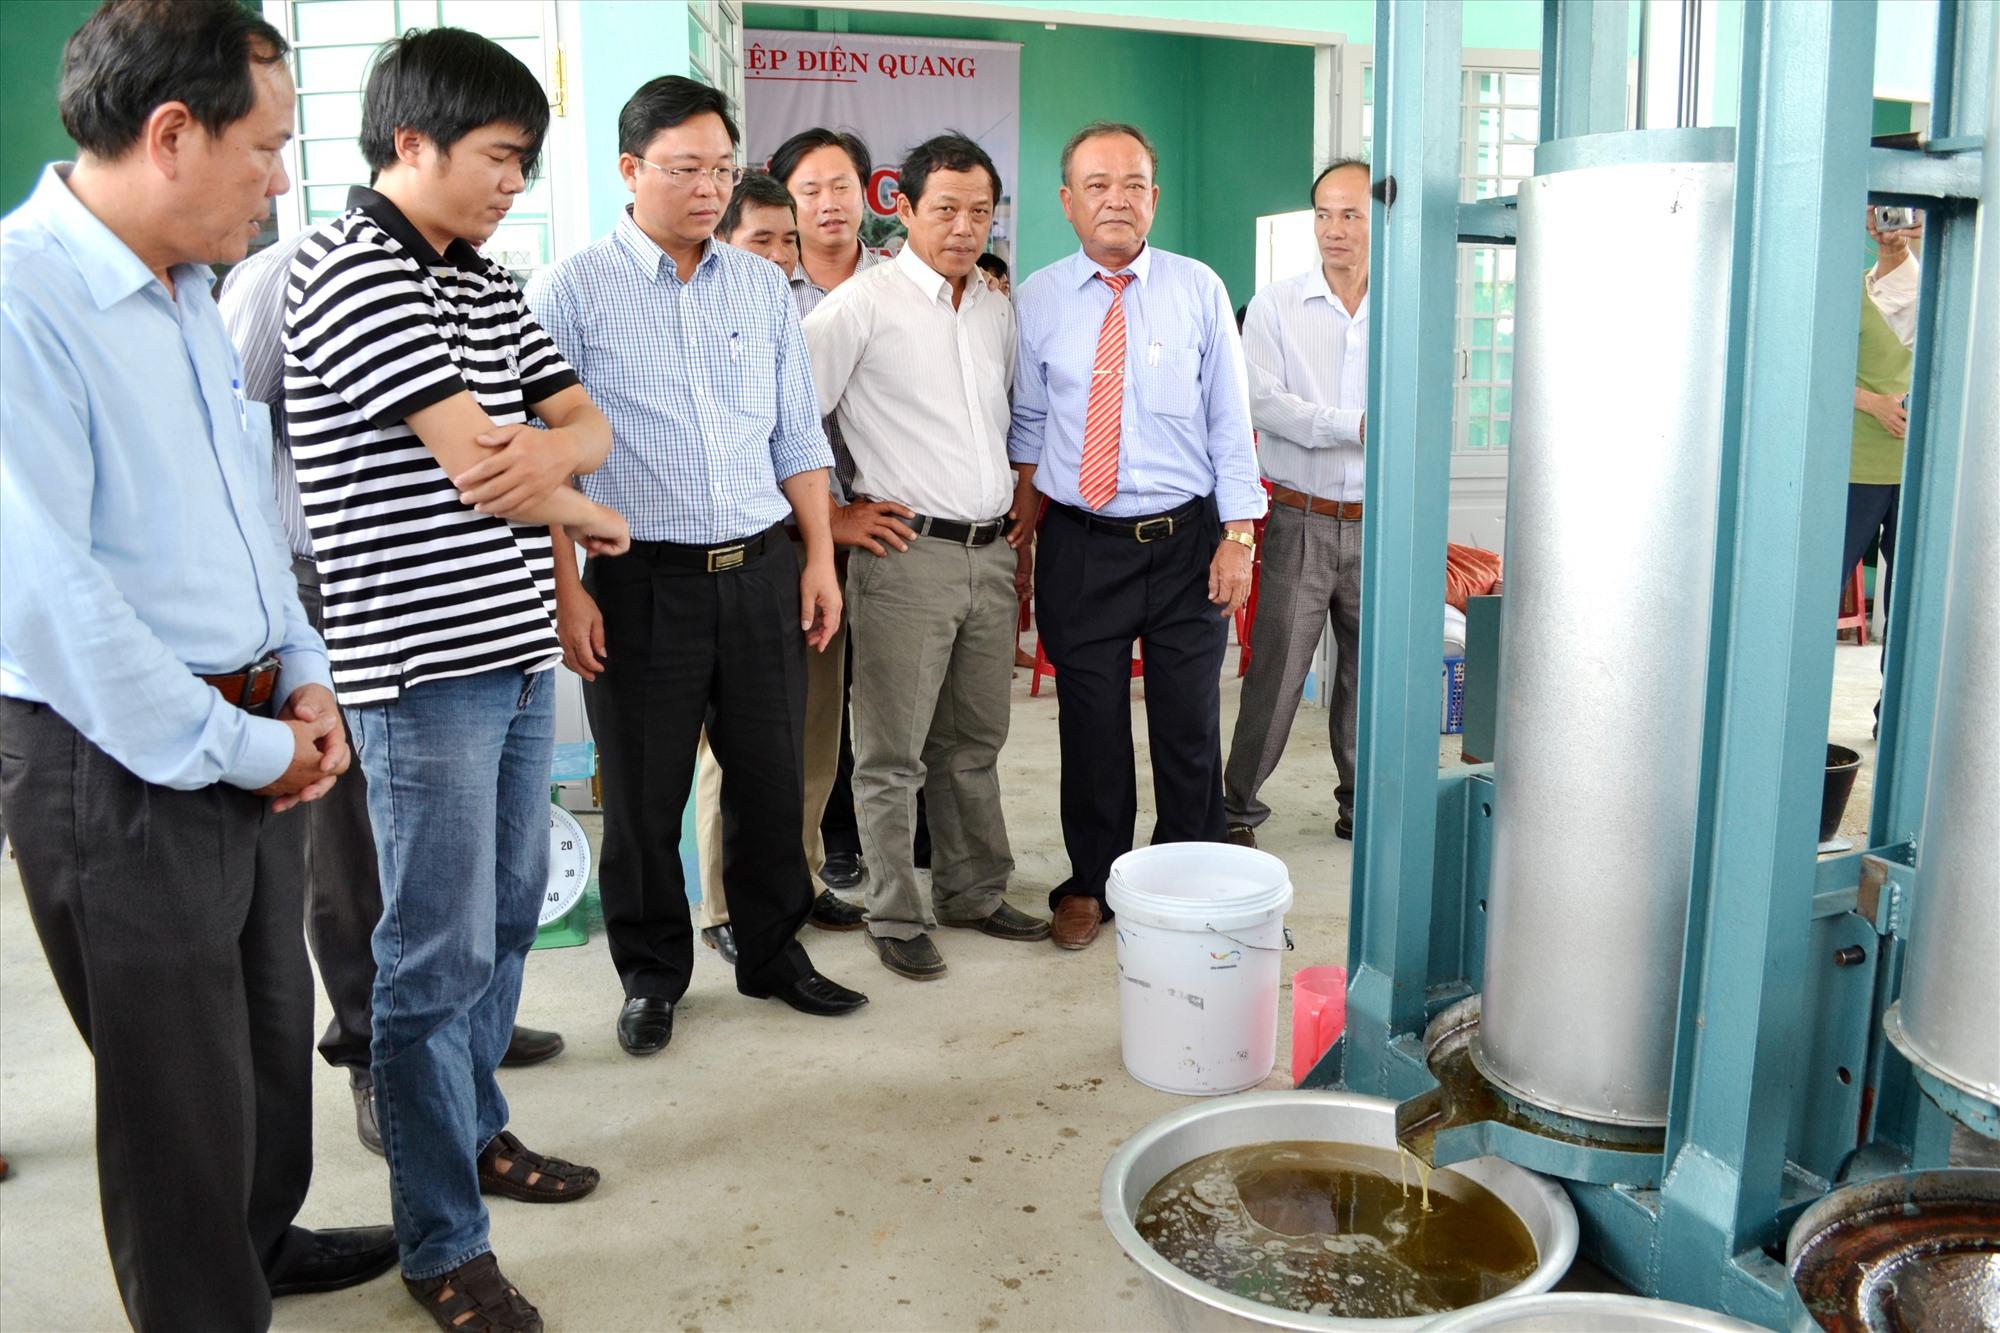 """HTX Nông nghiệp Điện Quang (Điện Bàn) thu mua đậu phụng của nông dân để chế biến """"dầu phụng Đất Phụng"""", sản phẩm được công nhận đạt chuẩn OCOP 3 sao. Ảnh: CT"""